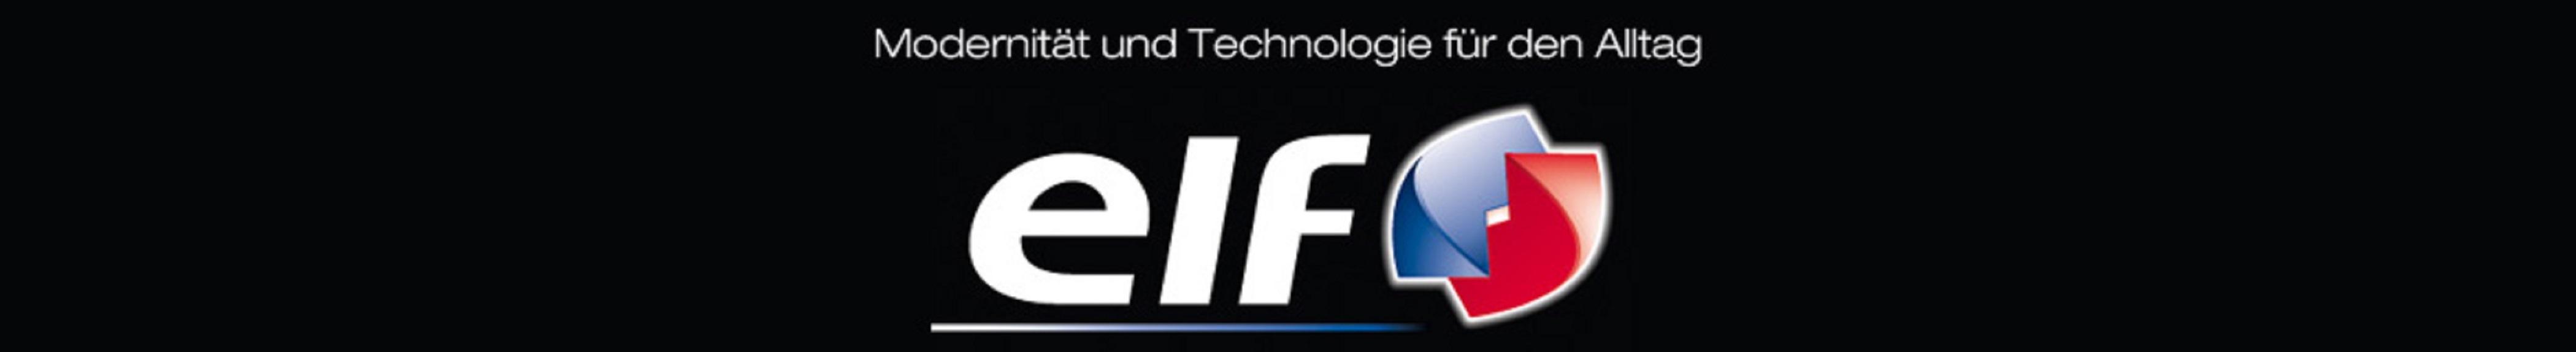 ELF, ein zuverlässiger Kooperationspartner